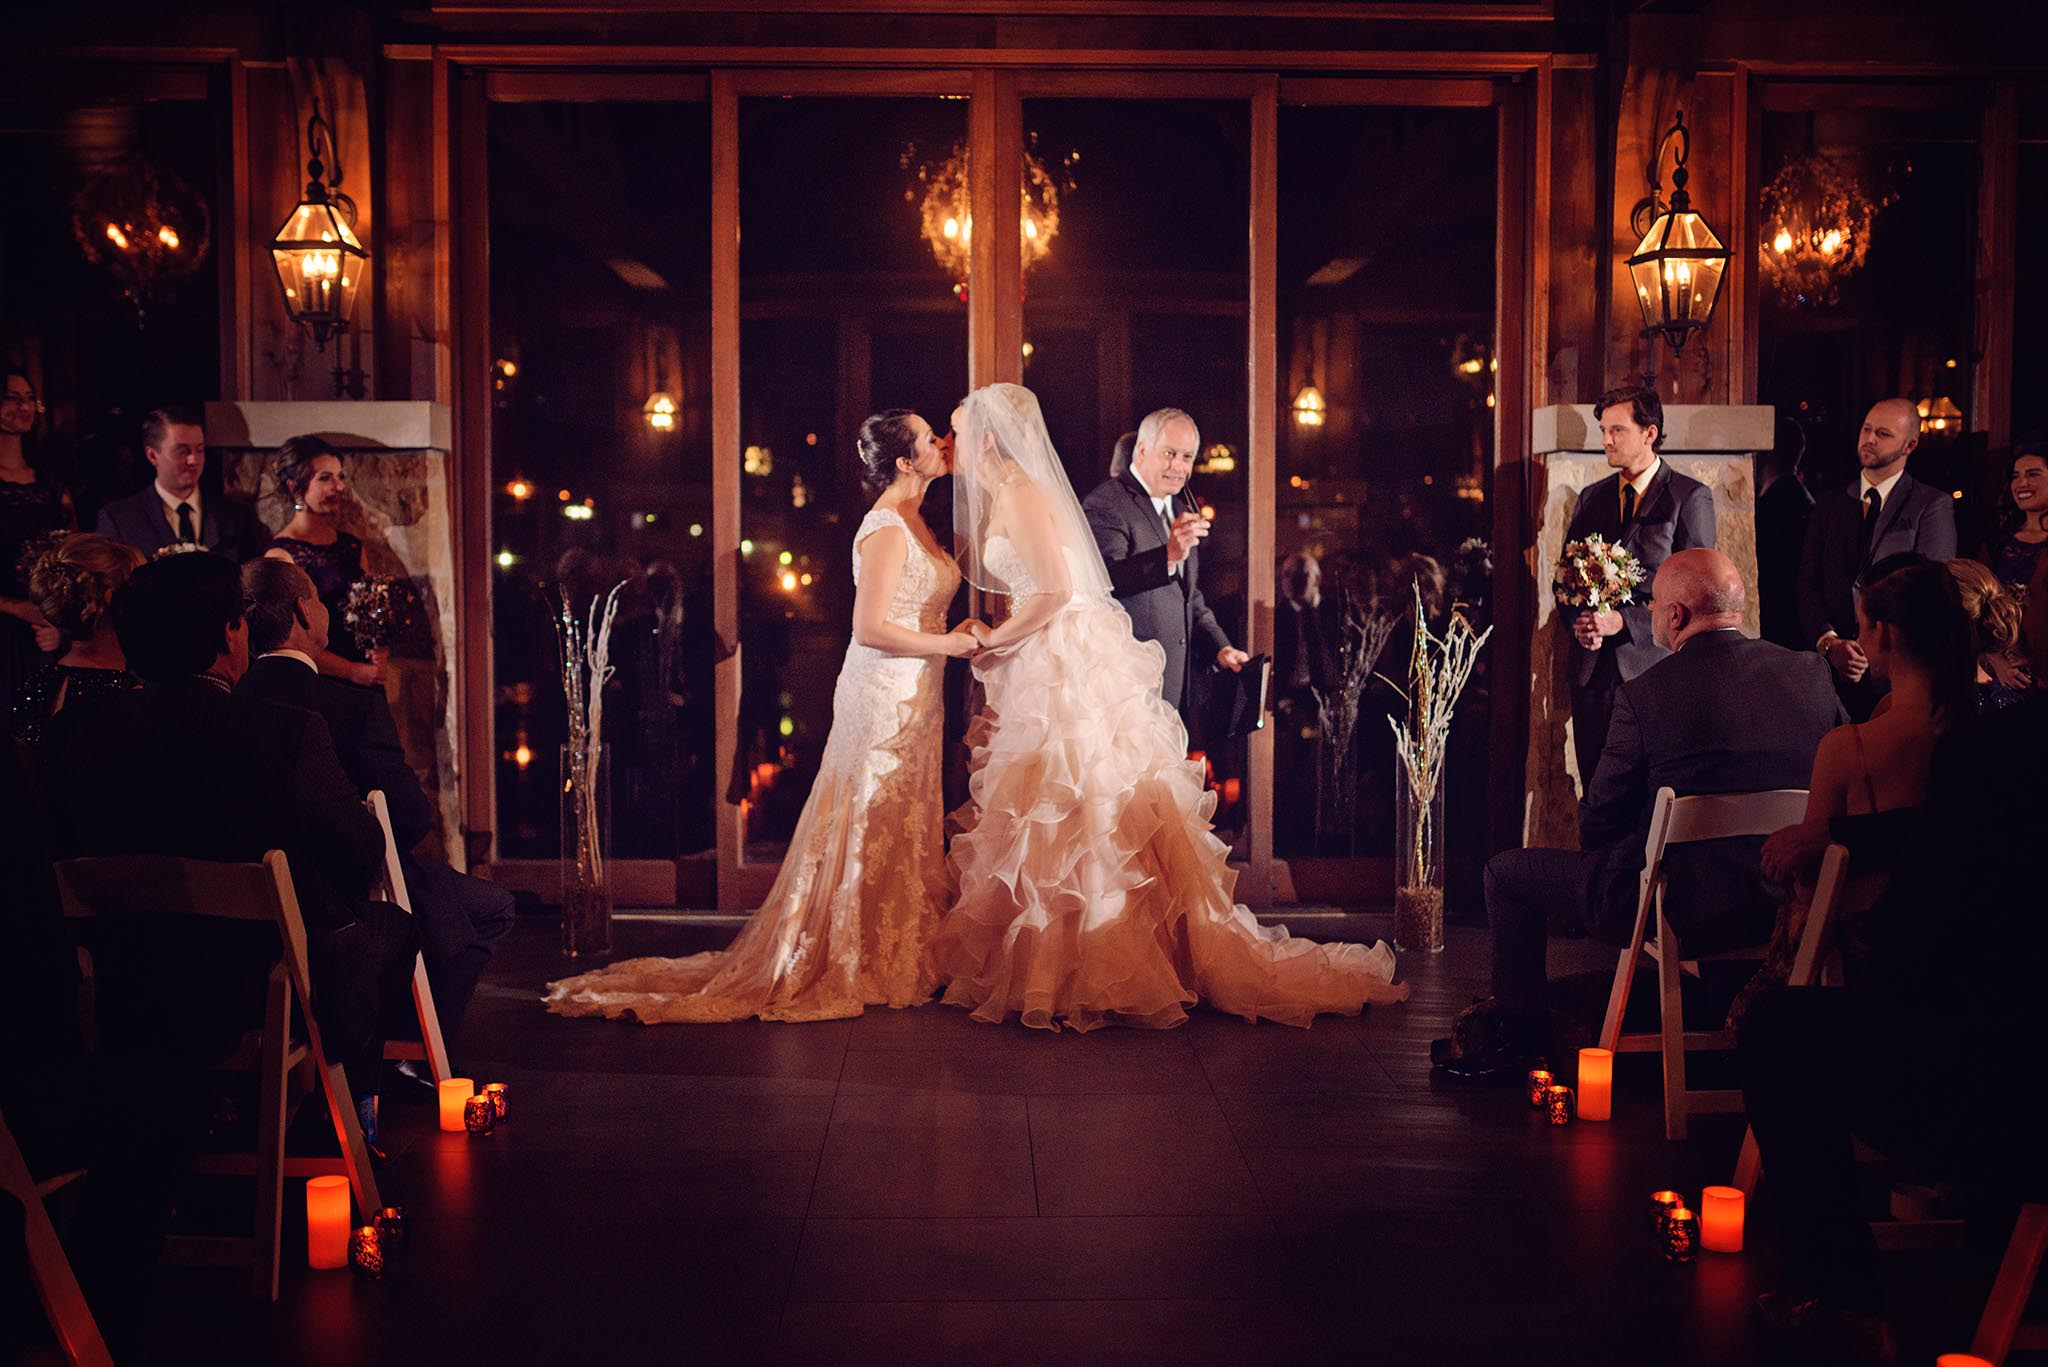 Peter-Bendevis-Photography-Kris-Laura-Cambridge-Mill-Winter-Wedding18